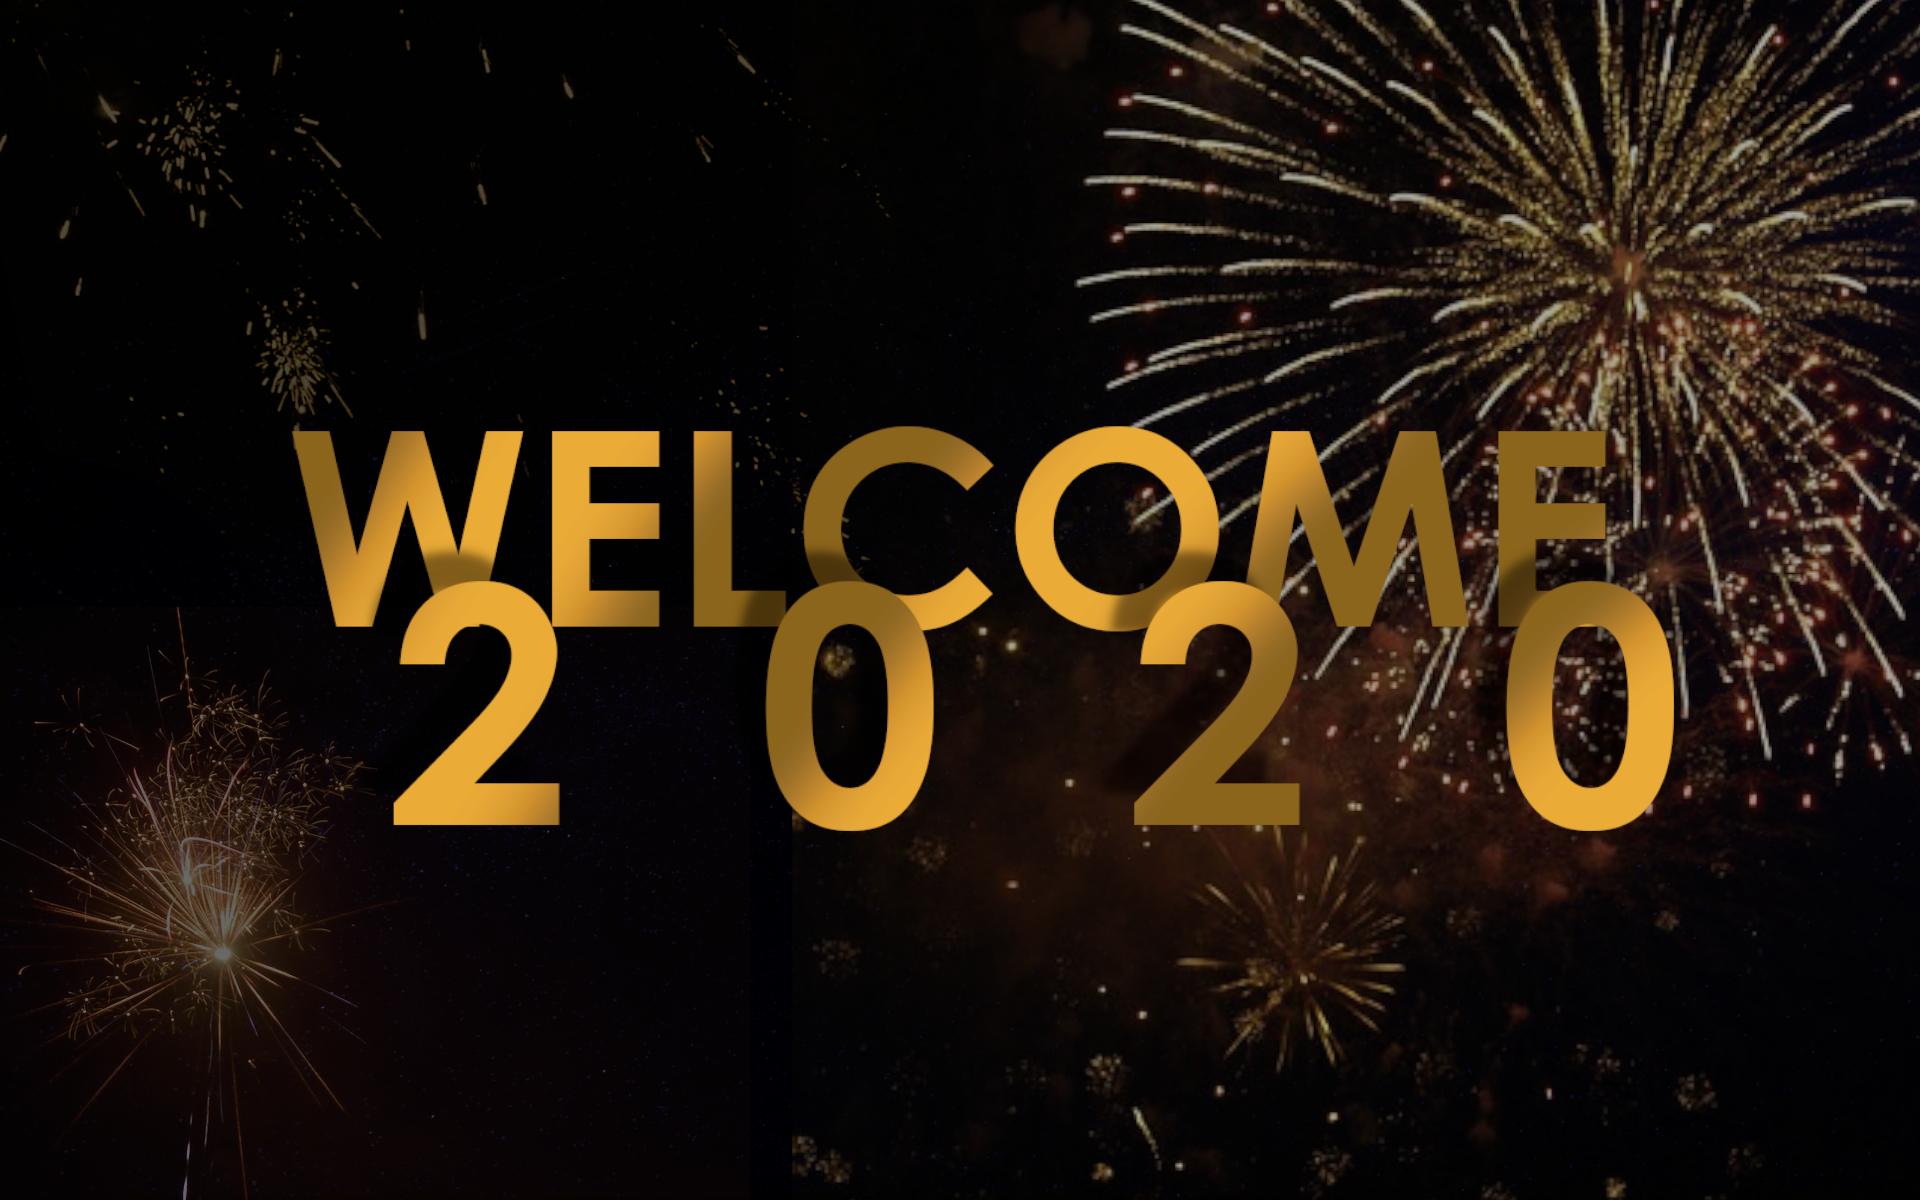 Welcome 2020 New Years Desktop Wallpaper Desktop Wallpaper Wallpaper Background S